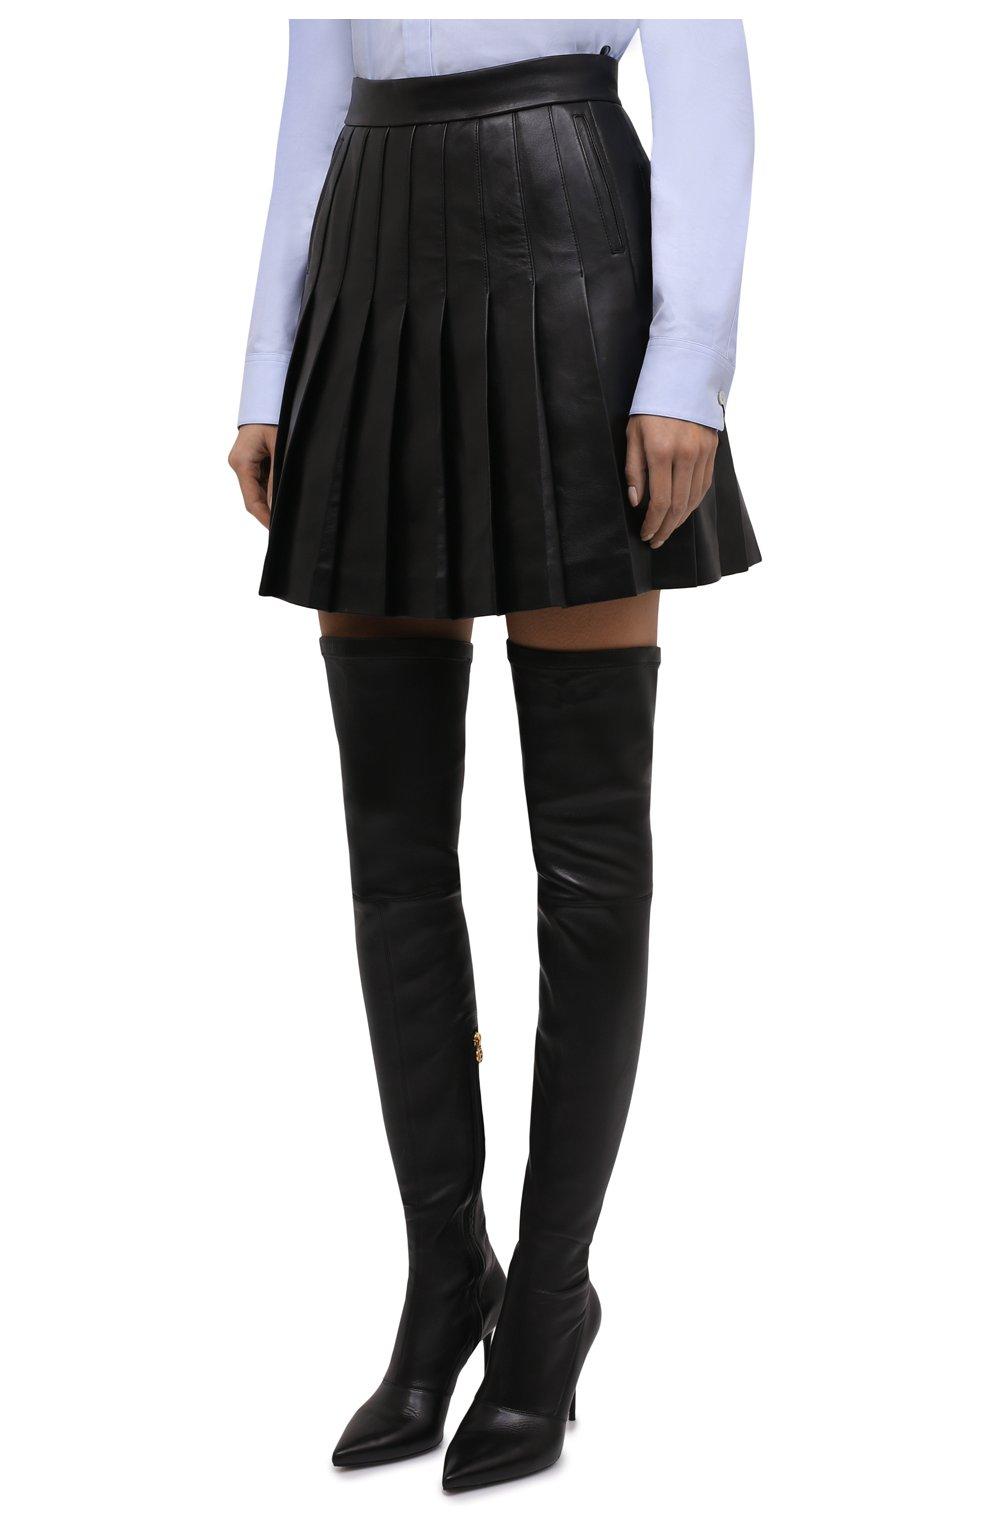 Женская кожаная юбка BALMAIN черного цвета, арт. WF1LB250/L158   Фото 3 (Длина Ж (юбки, платья, шорты): Мини; Женское Кросс-КТ: юбка-плиссе, Юбка-одежда; Стили: Гранж; Материал подклада: Вискоза)